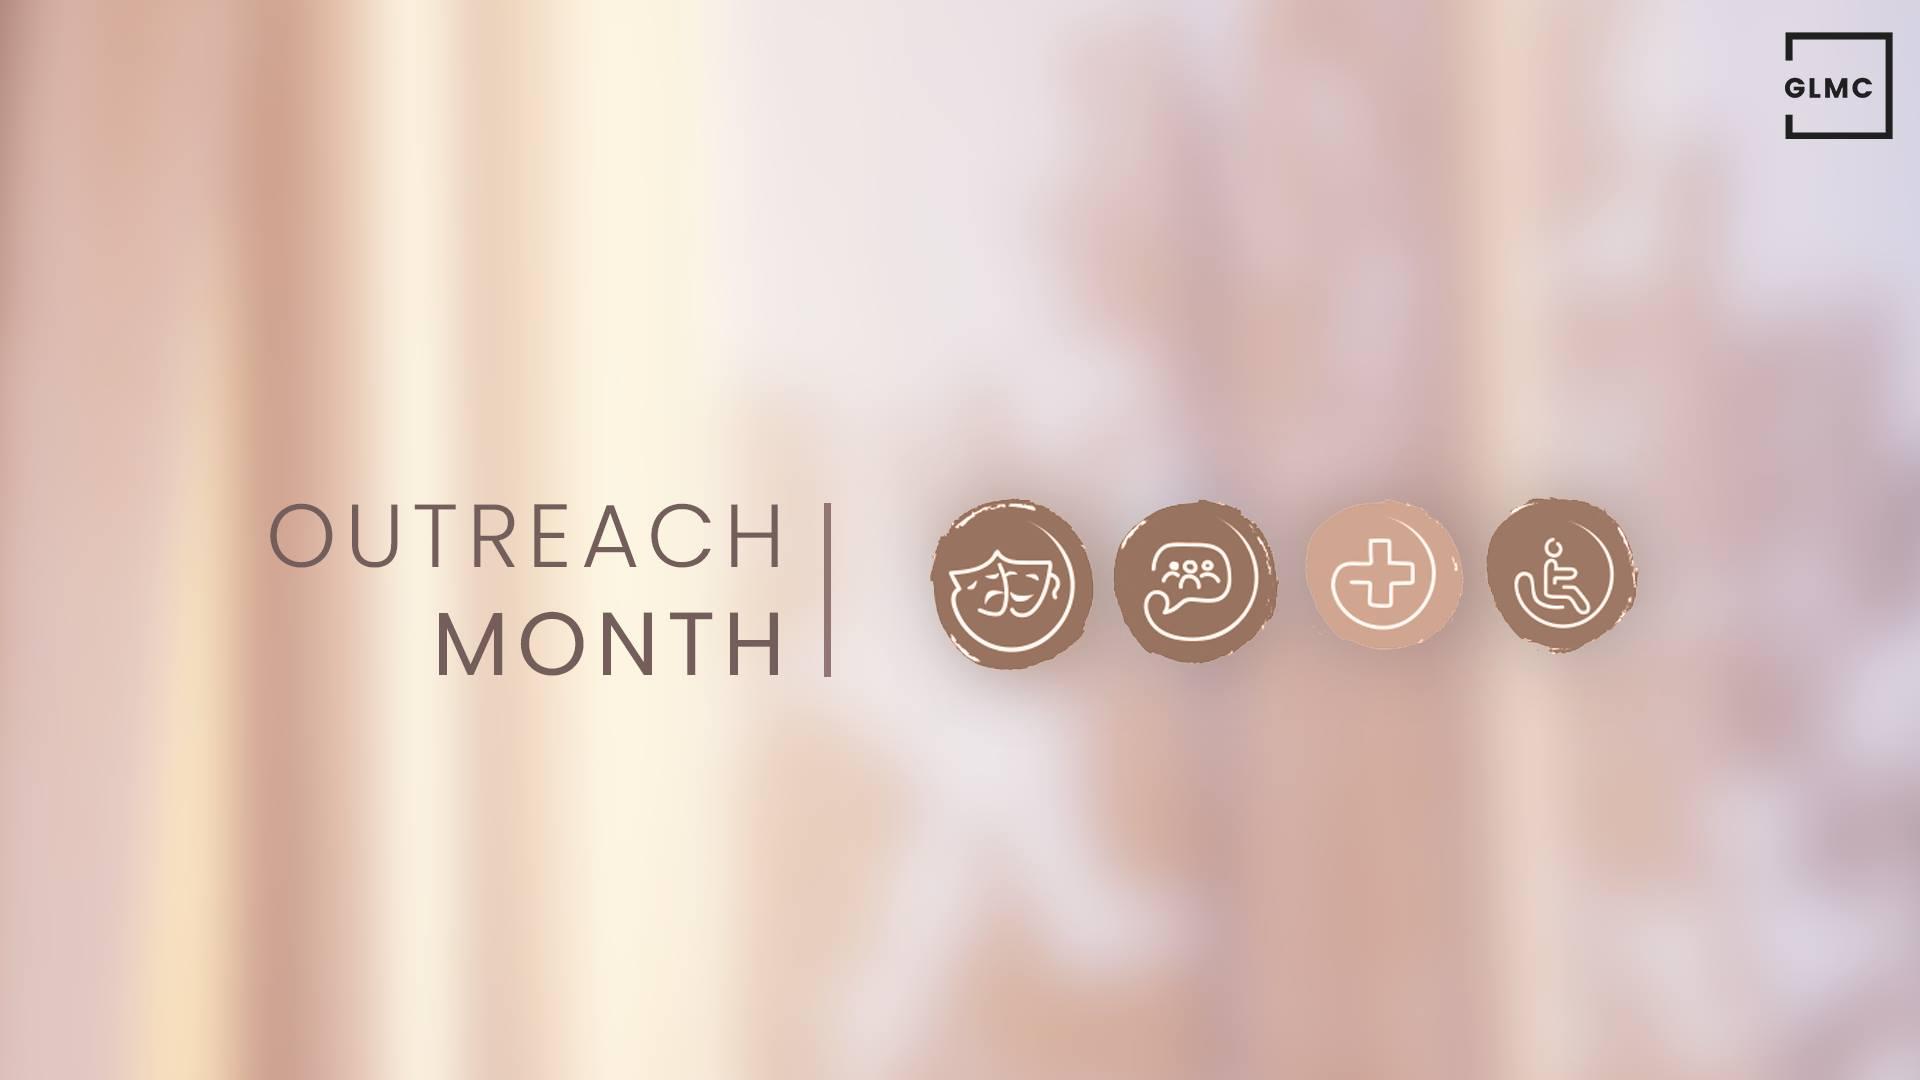 GLMC Outreach Month.jpg